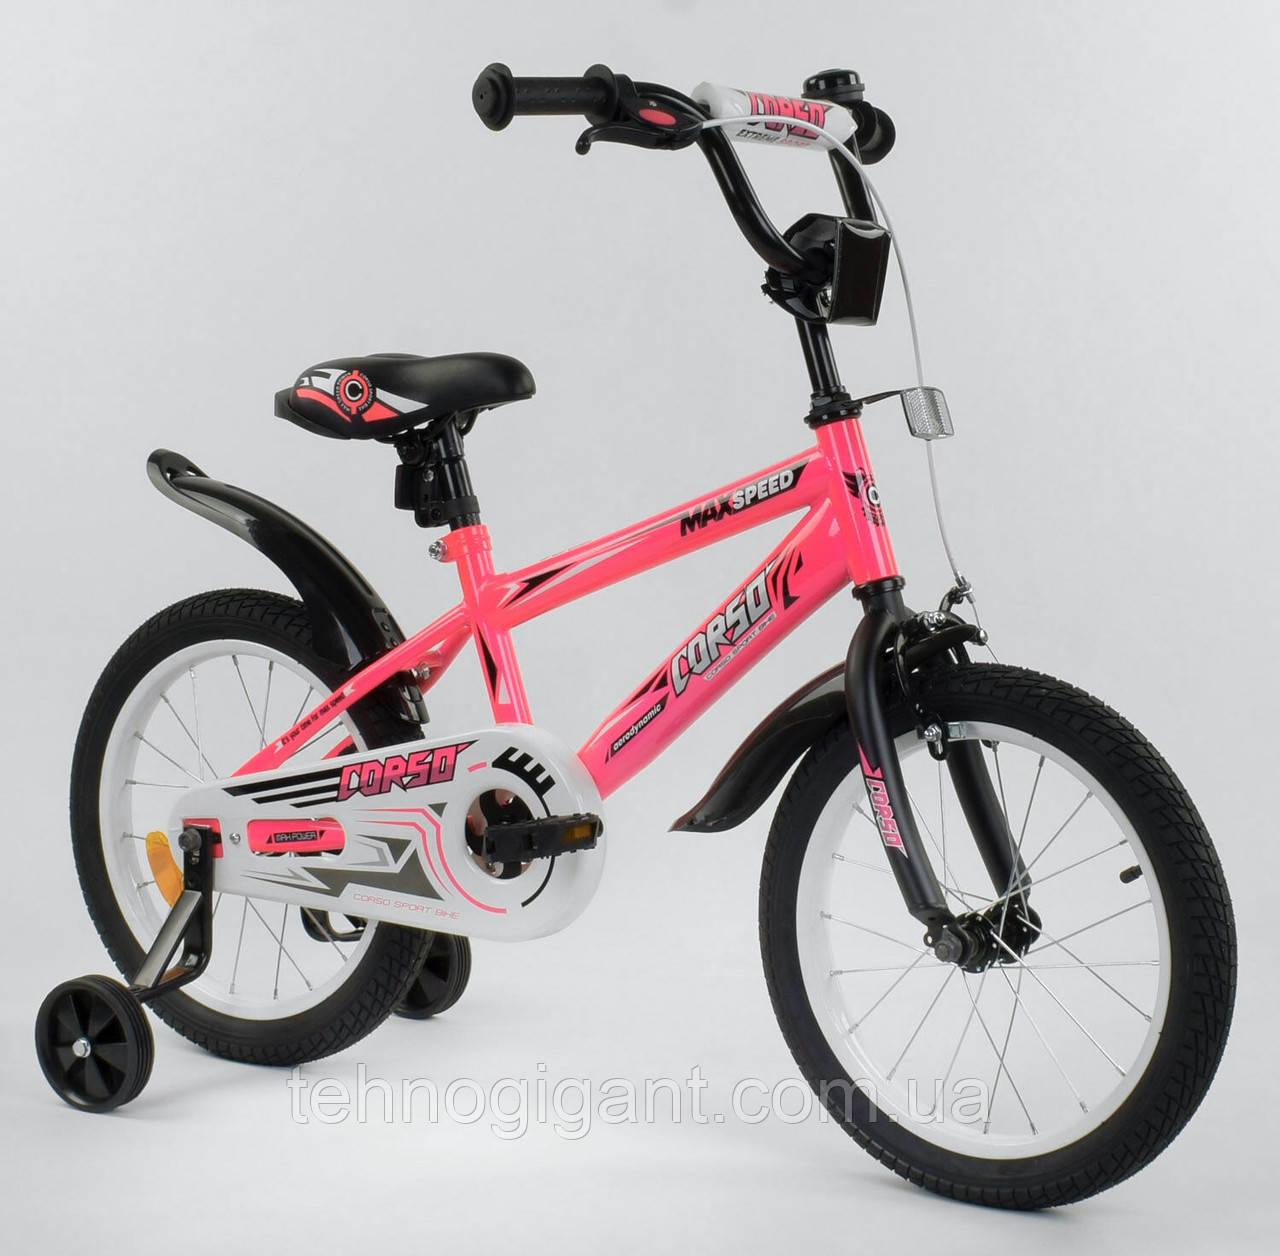 Двухколесный детский велосипед 16 дюймов Corso ЕХ-16 N 5171 Розовый, 4-6 лет, боковые колеса, ручной тормоз